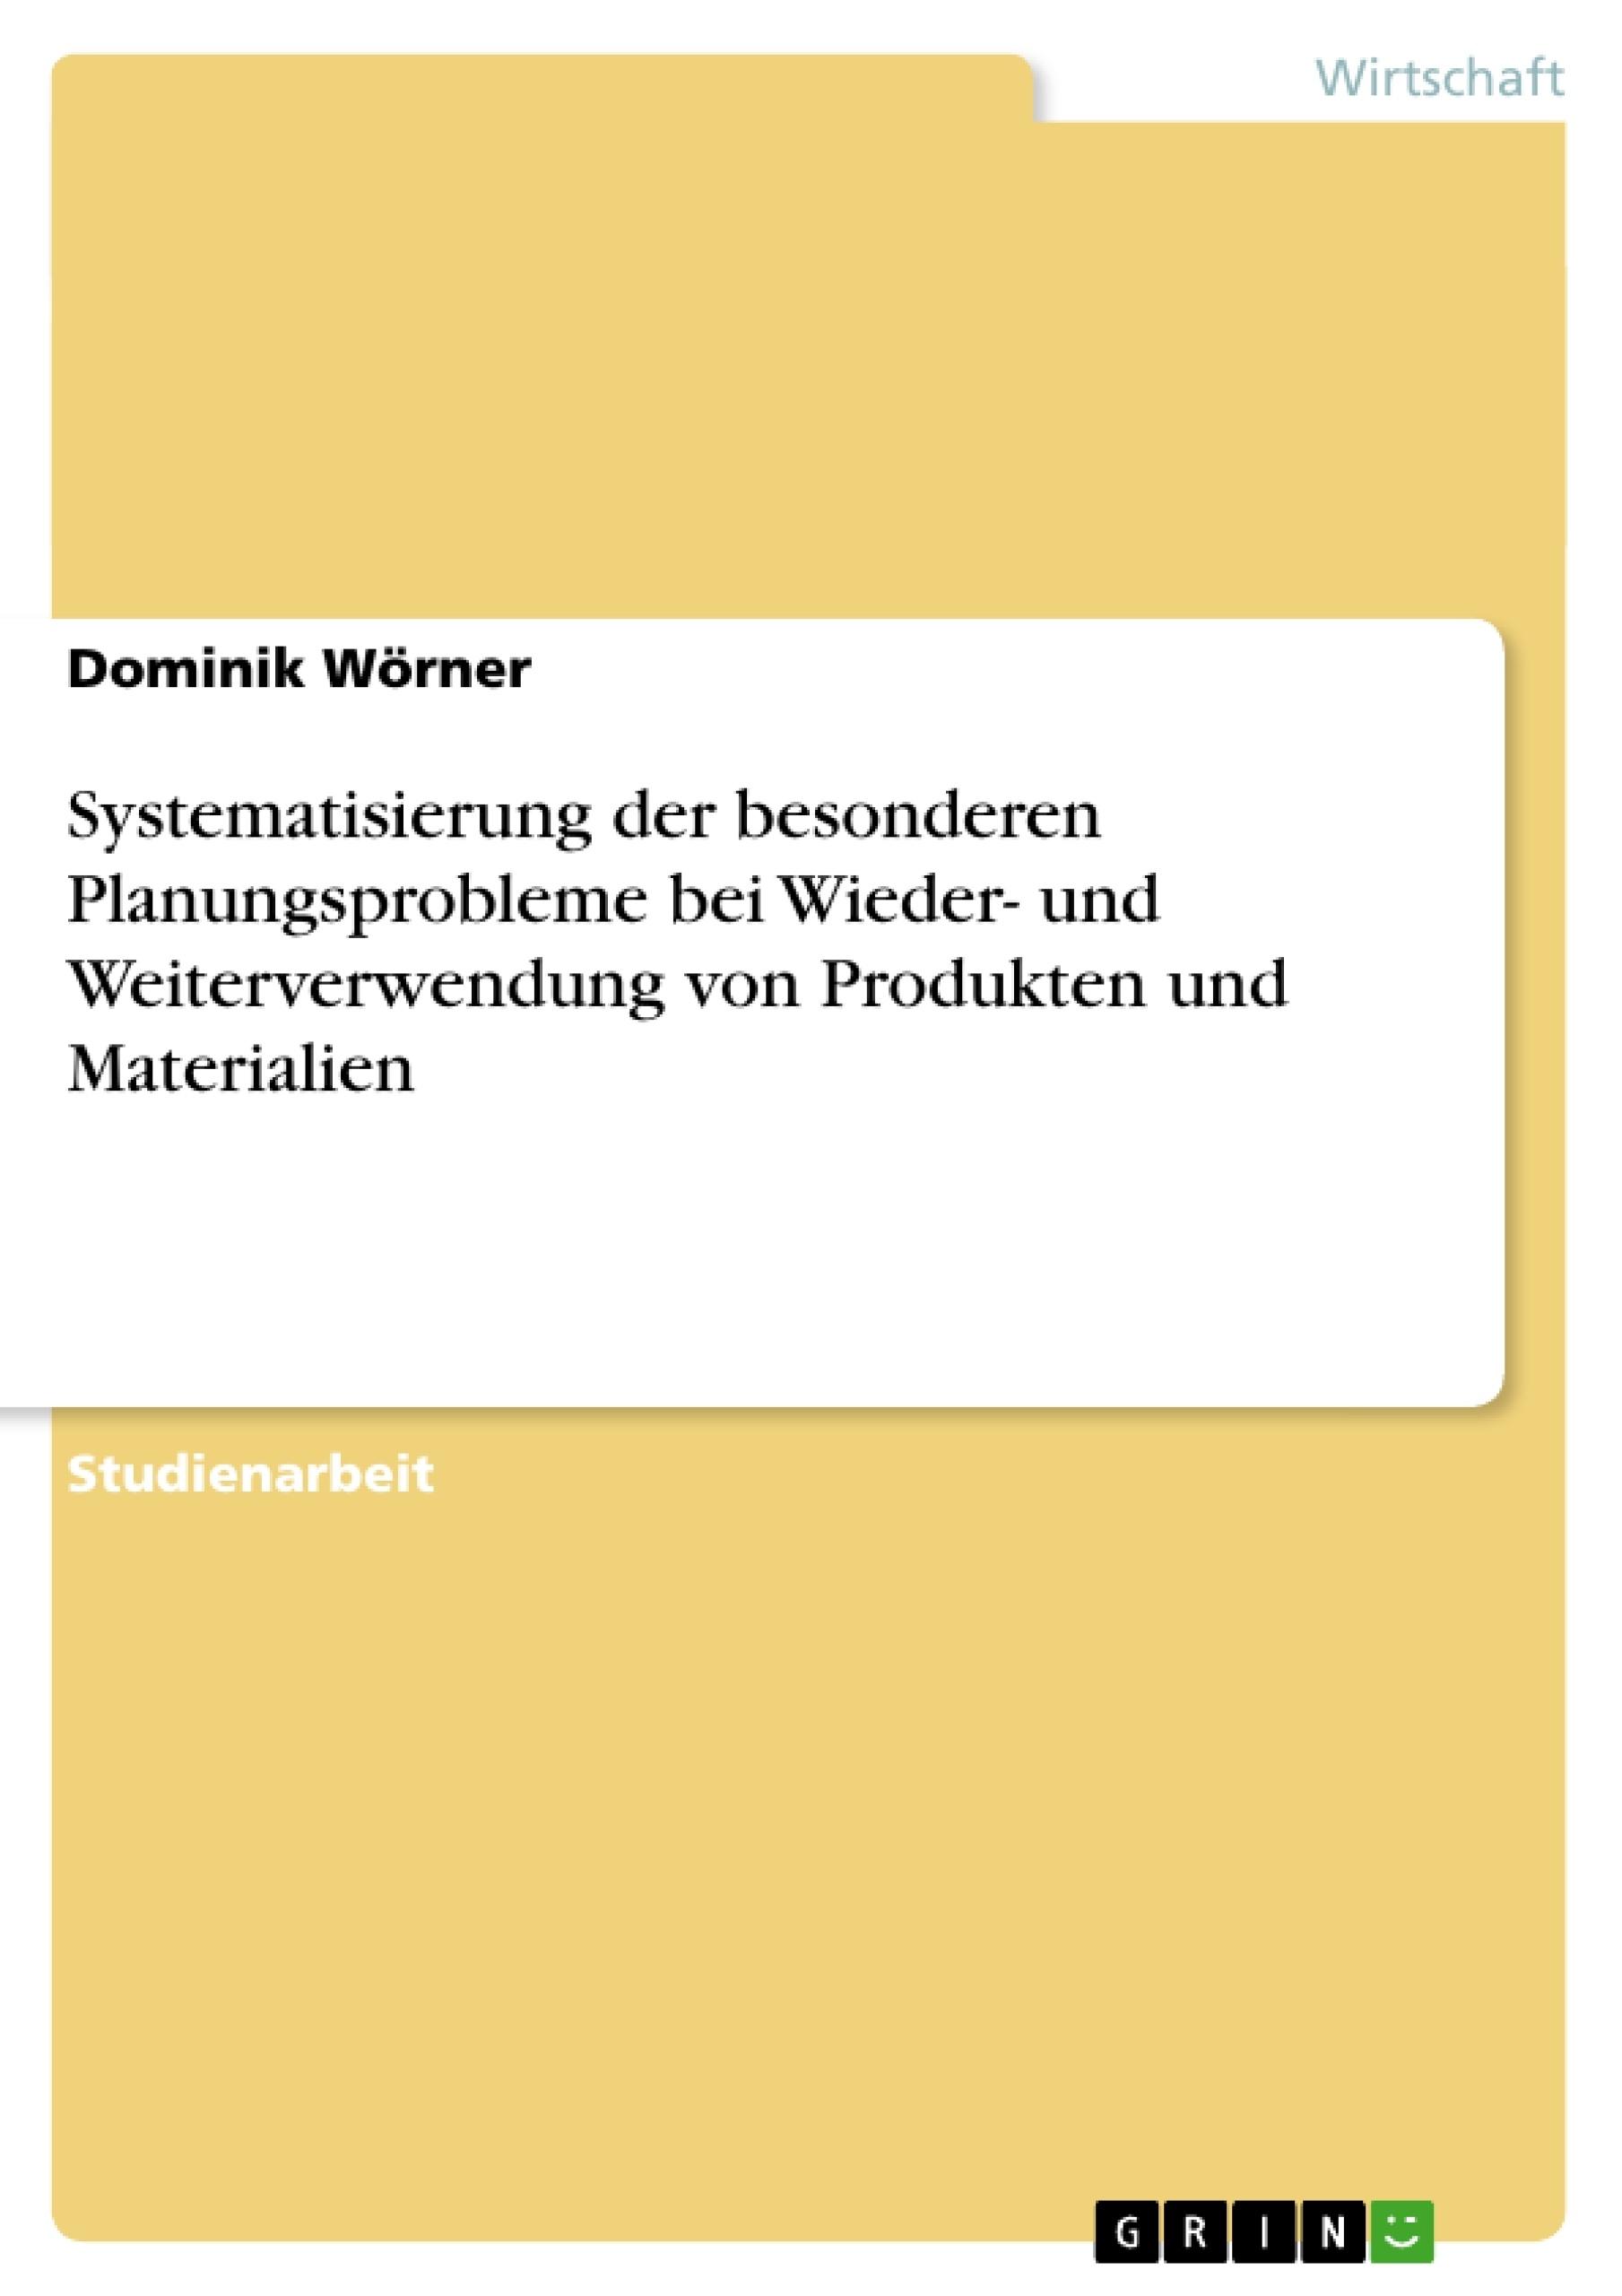 Titel: Systematisierung der besonderen Planungsprobleme bei Wieder- und Weiterverwendung von Produkten und Materialien